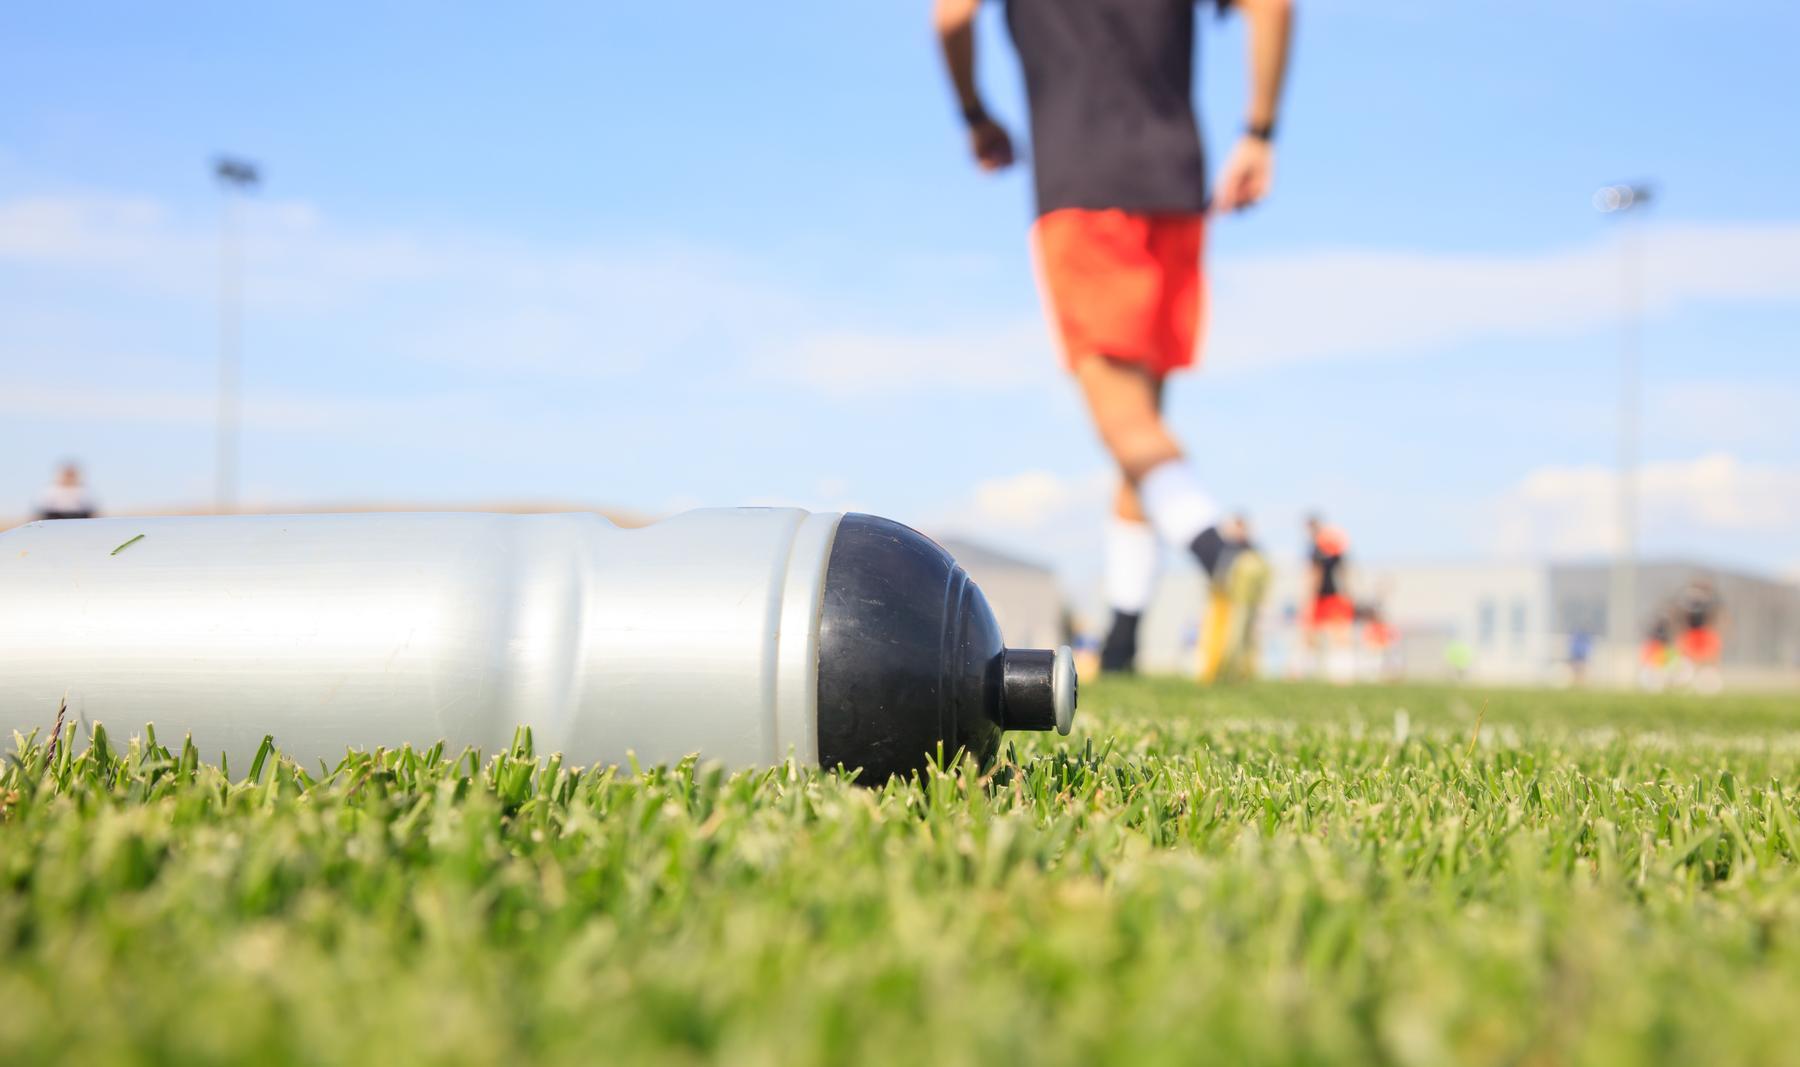 Fußball Supplemente | Ein definitiver Guide für Supplemente für Fußballspieler